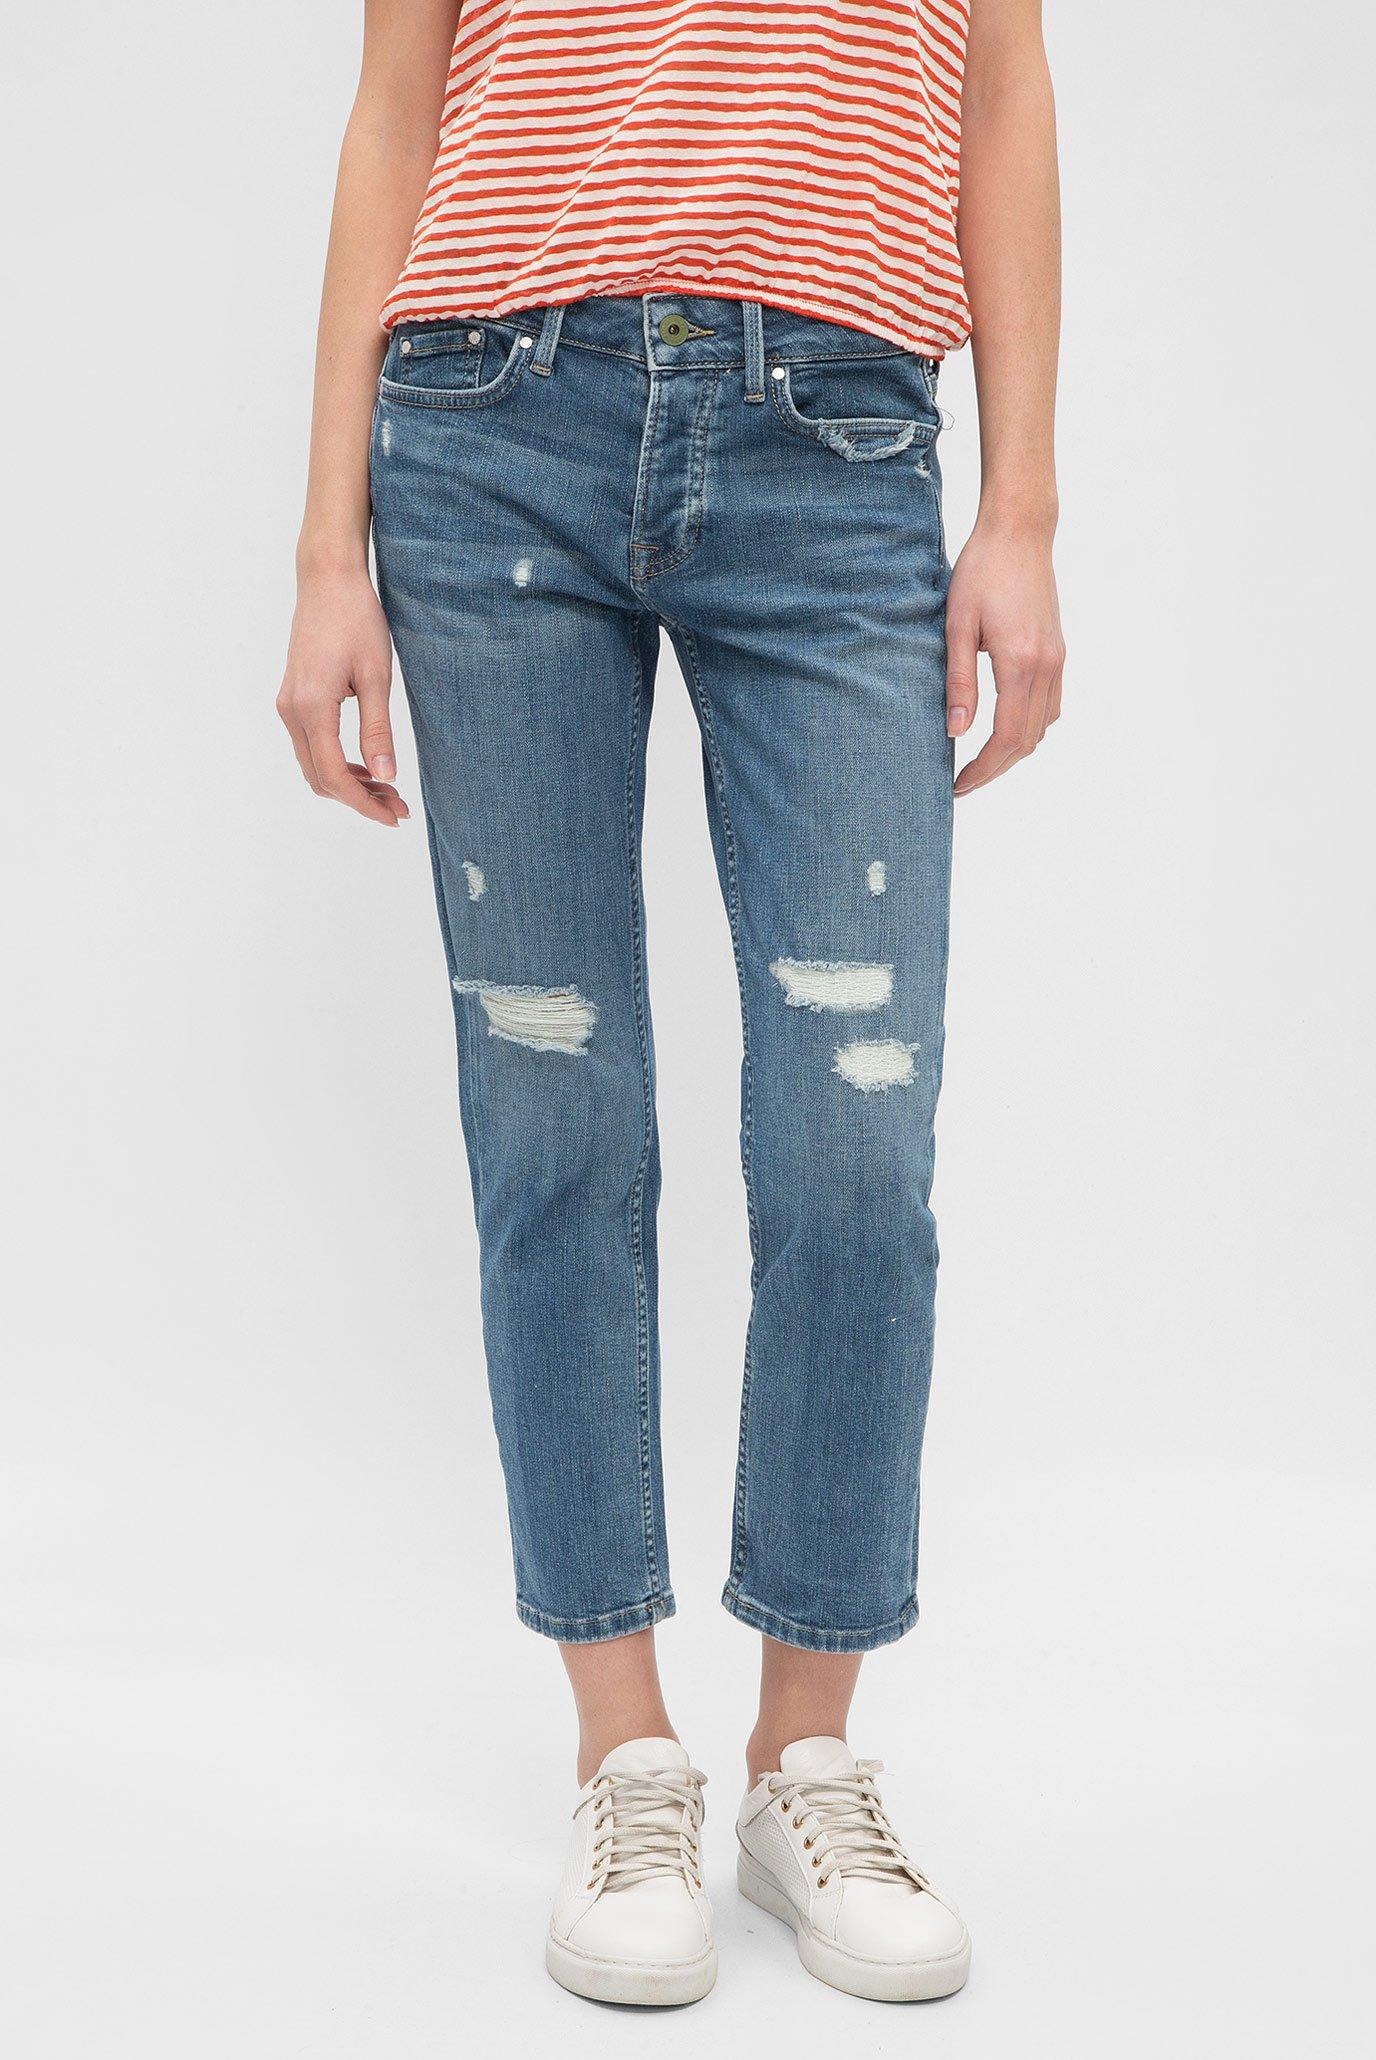 Купить Женские синие джинсы Pepe Jeans Pepe Jeans PL202271R – Киев, Украина. Цены в интернет магазине MD Fashion